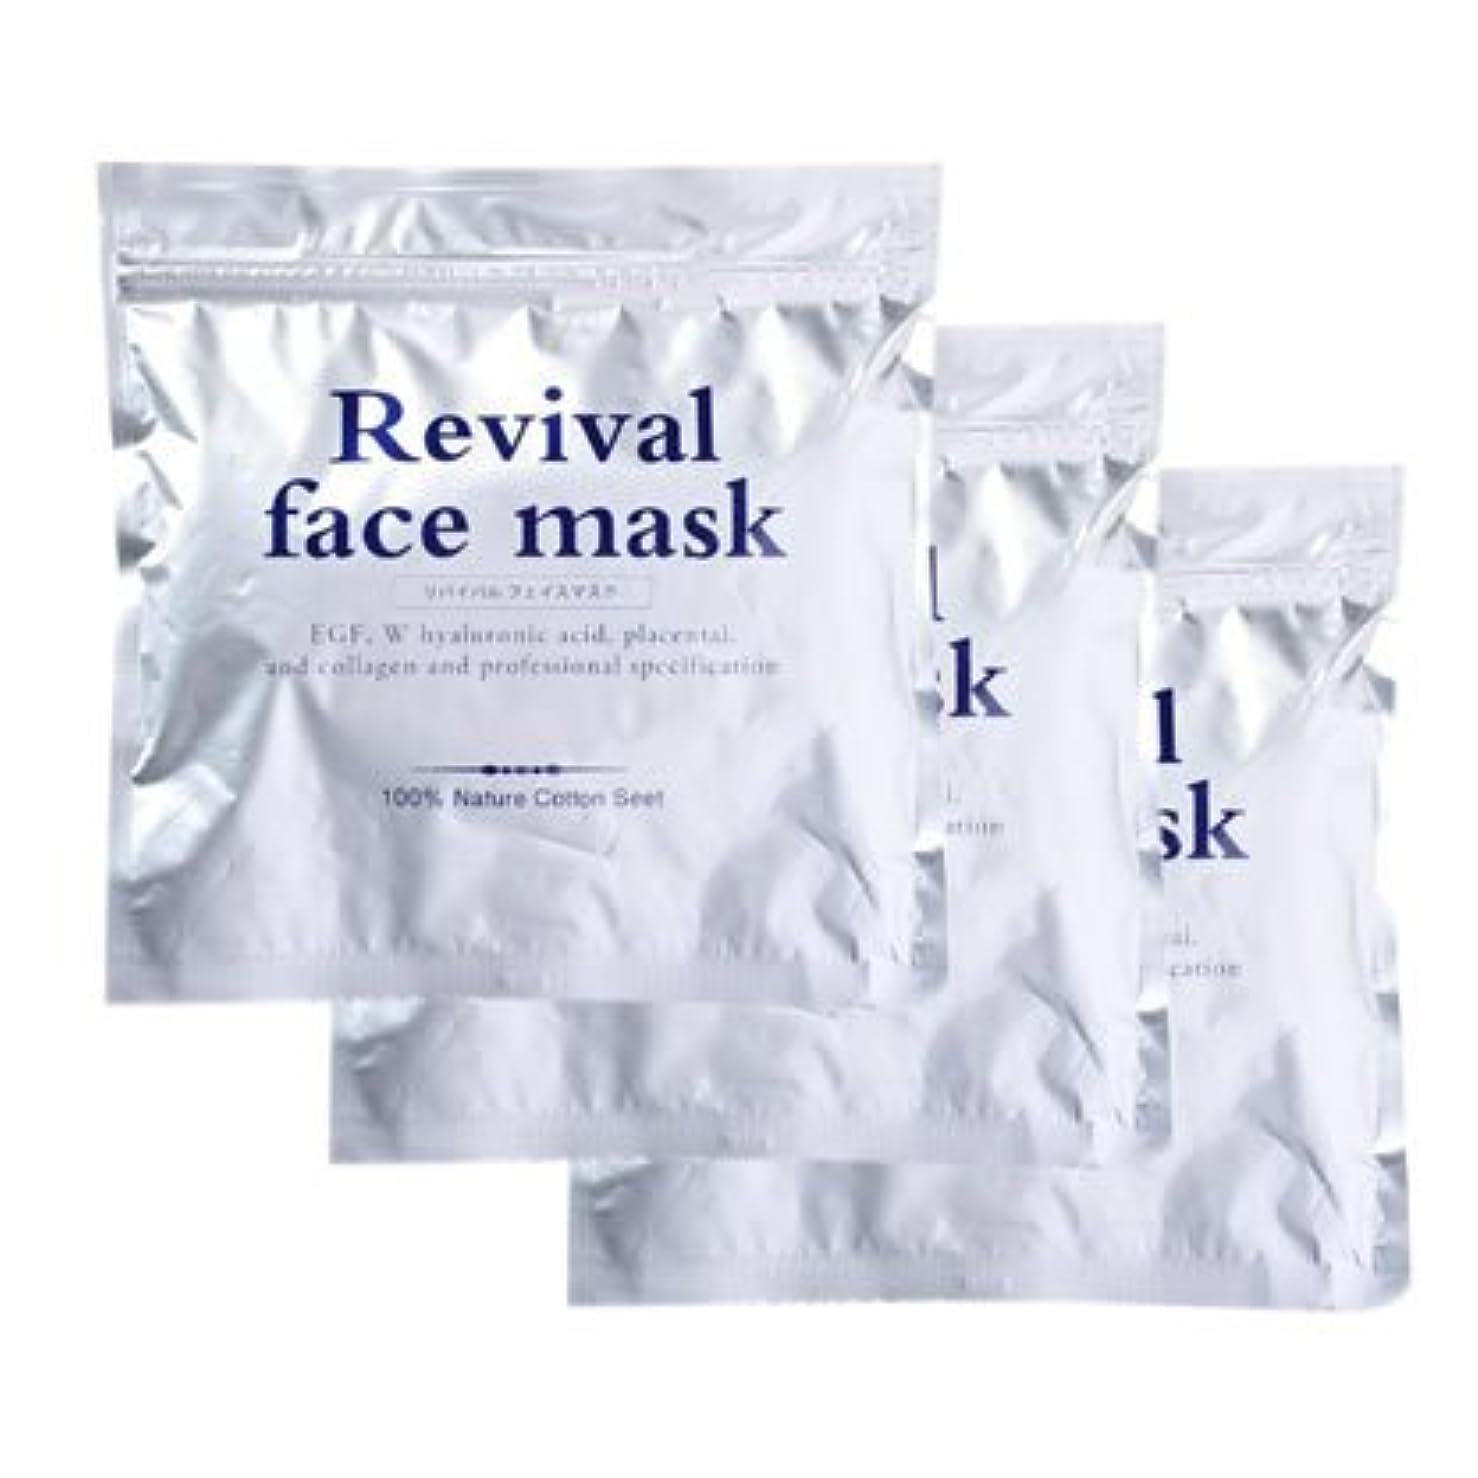 意識的言及する帝国主義リバイバルフェイスマスク 90枚セット(30枚×3袋)